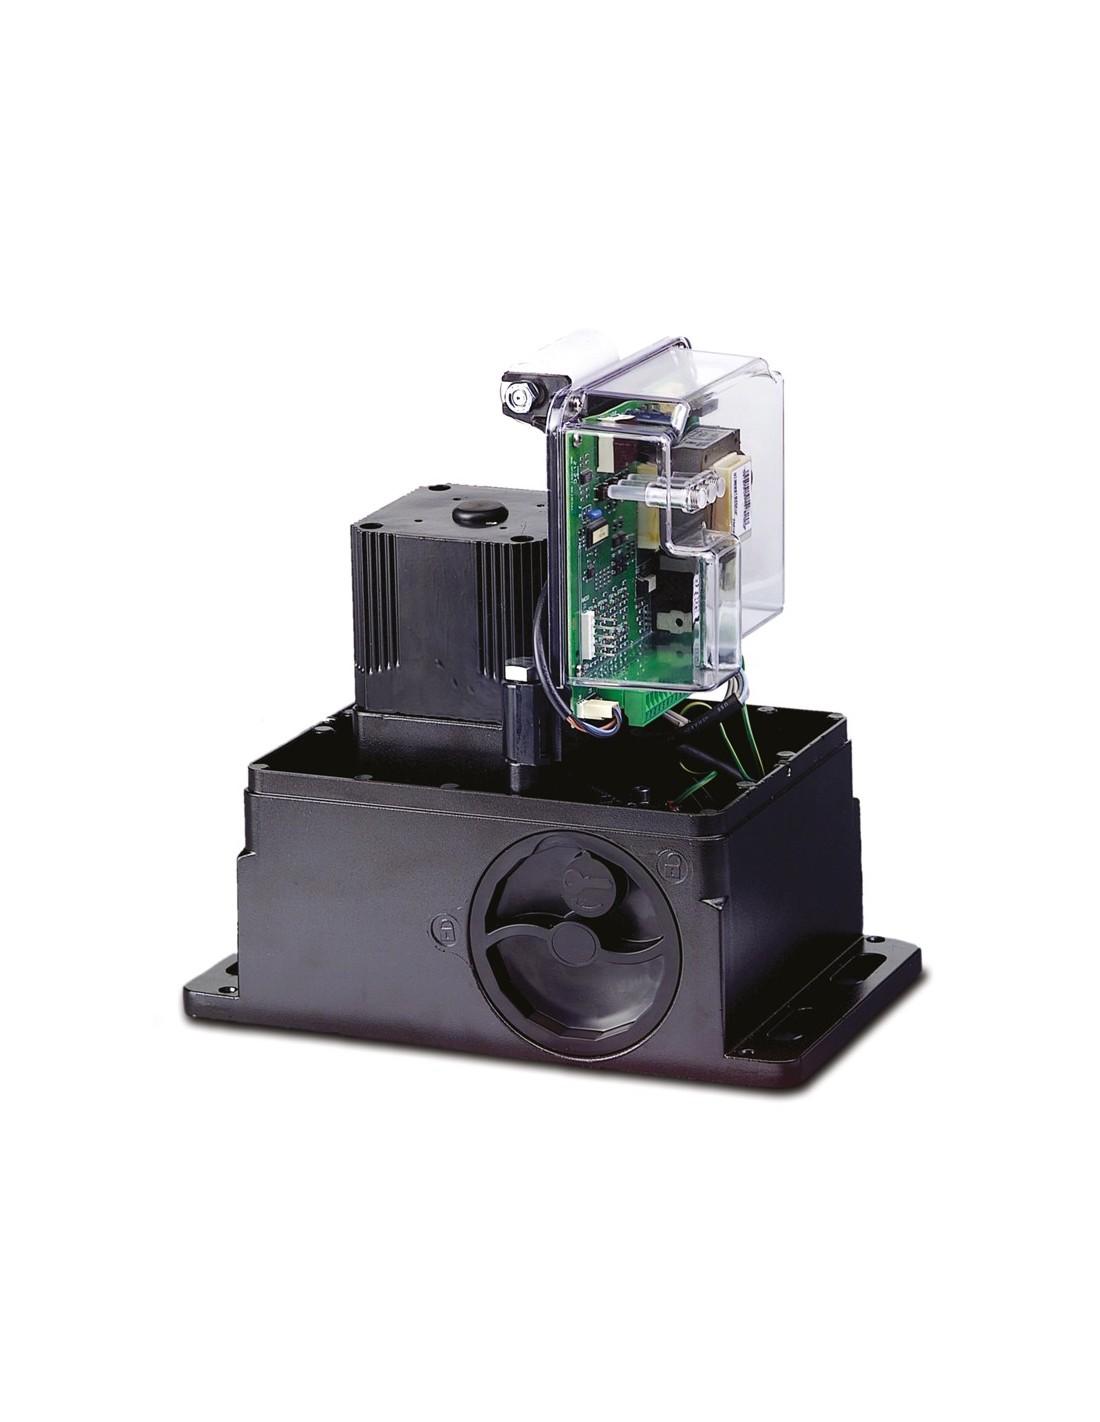 portones electricos motores con central